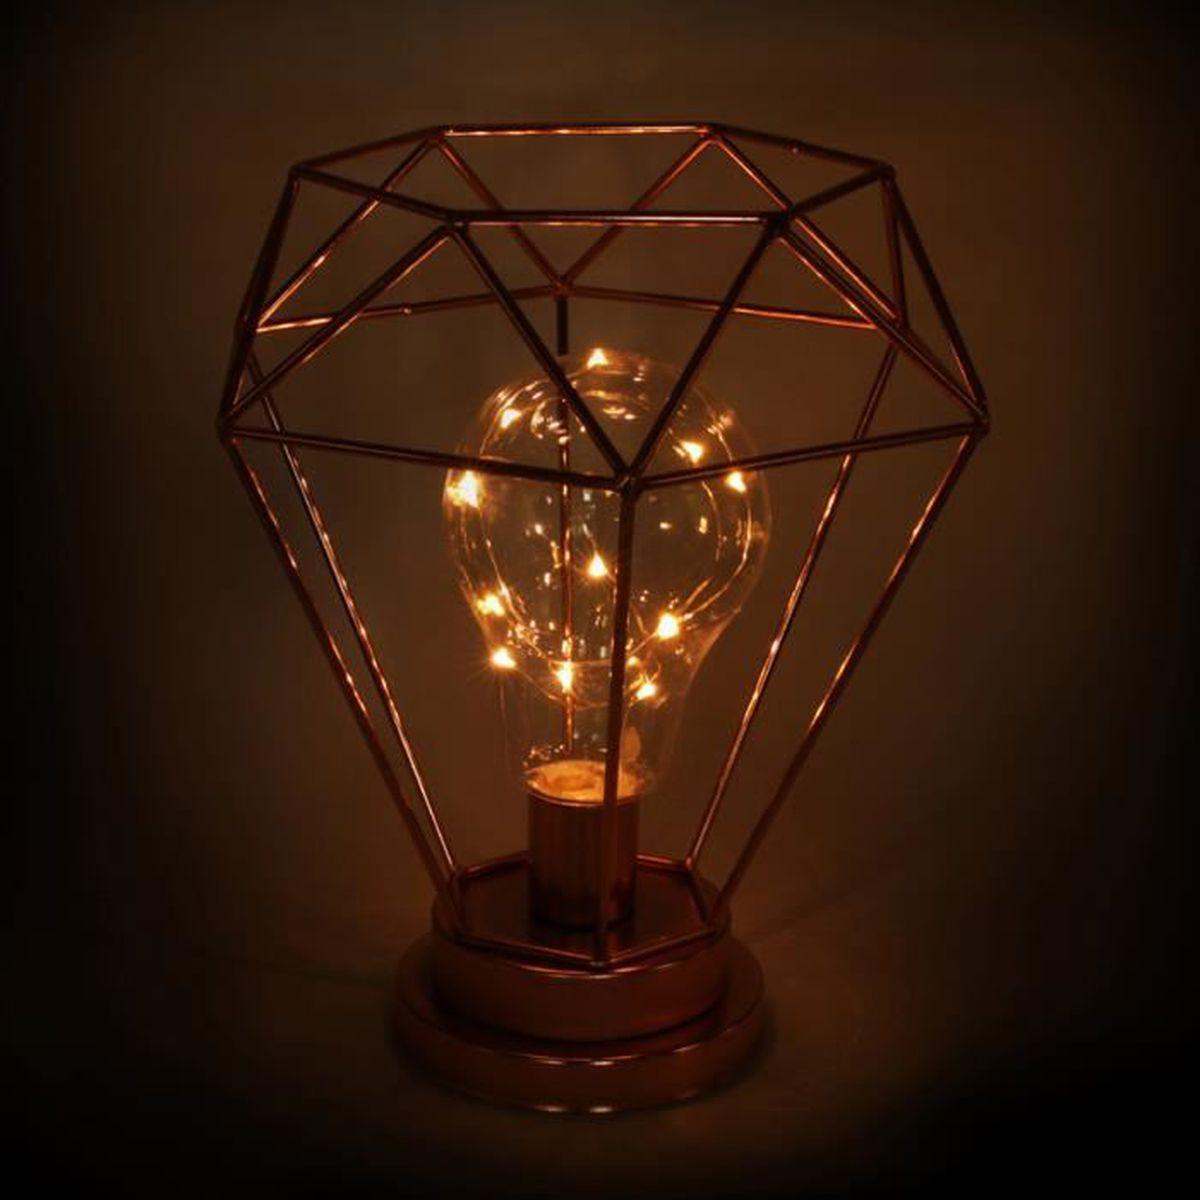 Lumineuse Fil Achat Lampe Vente Cuivrée Décoration tCohBsrxQd